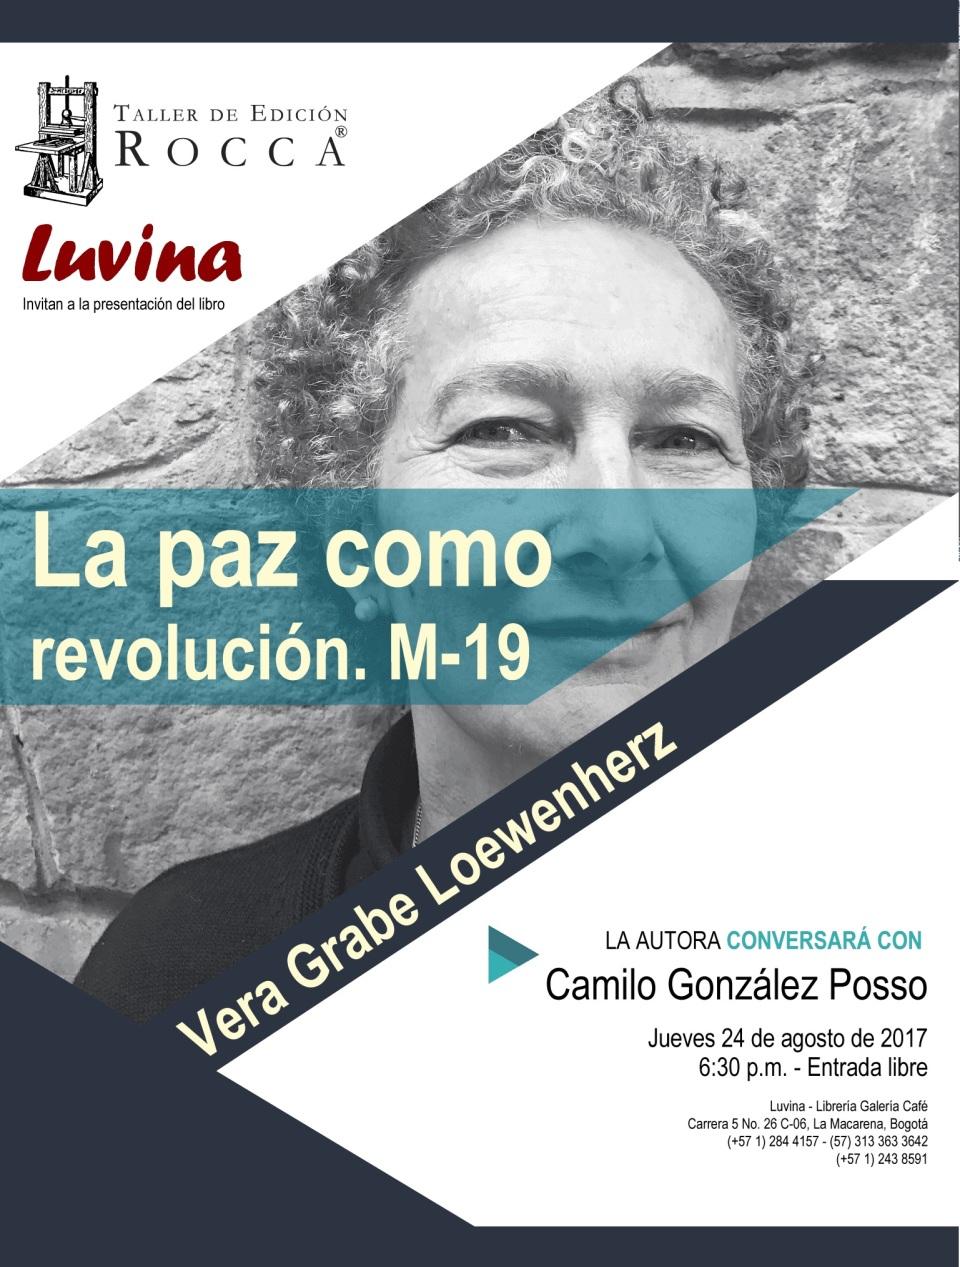 La-paz-como-revolucion versión taller